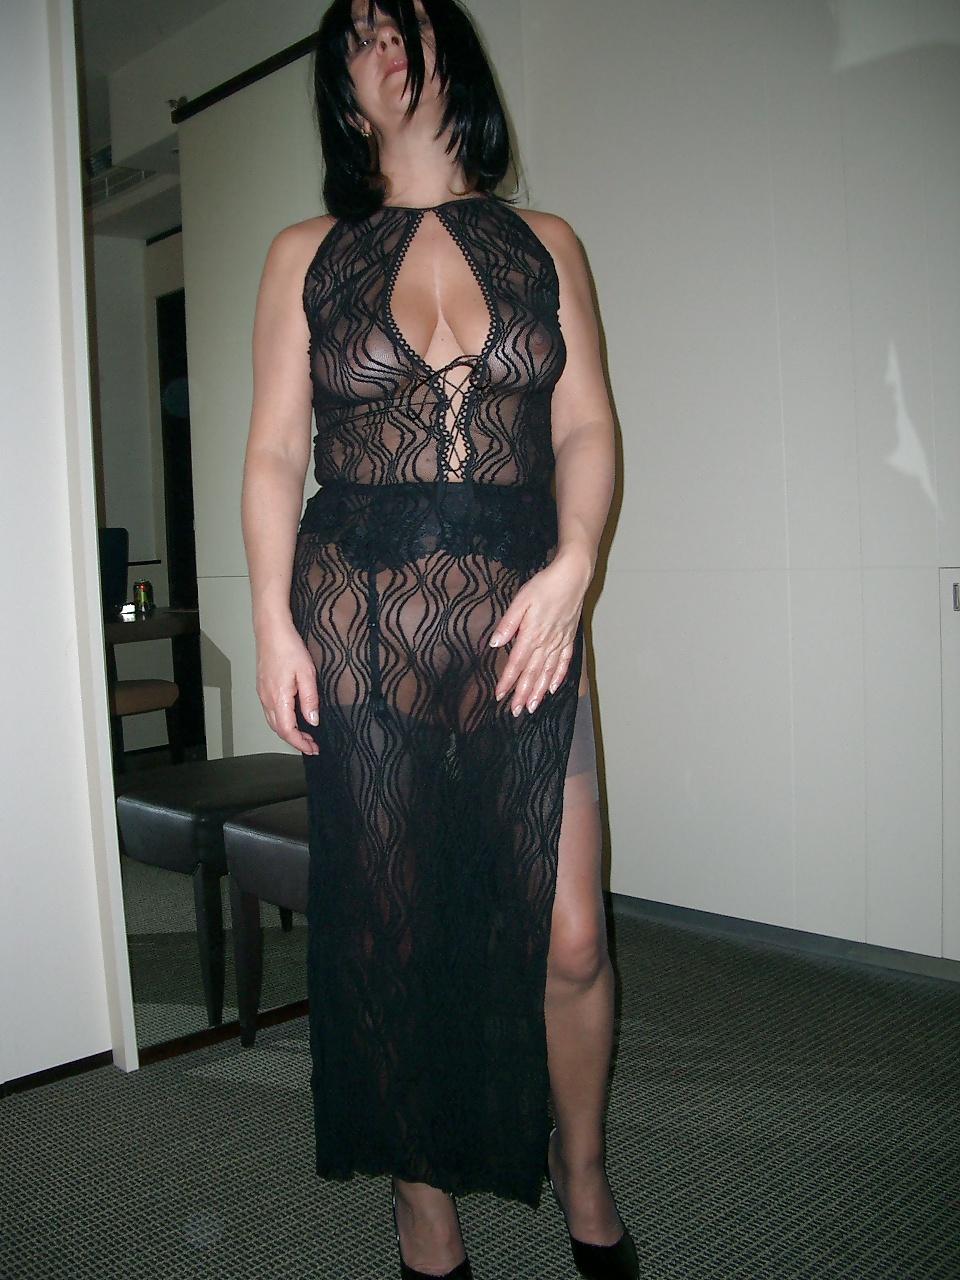 Sexy Black Girl Smoking In See Through Dress